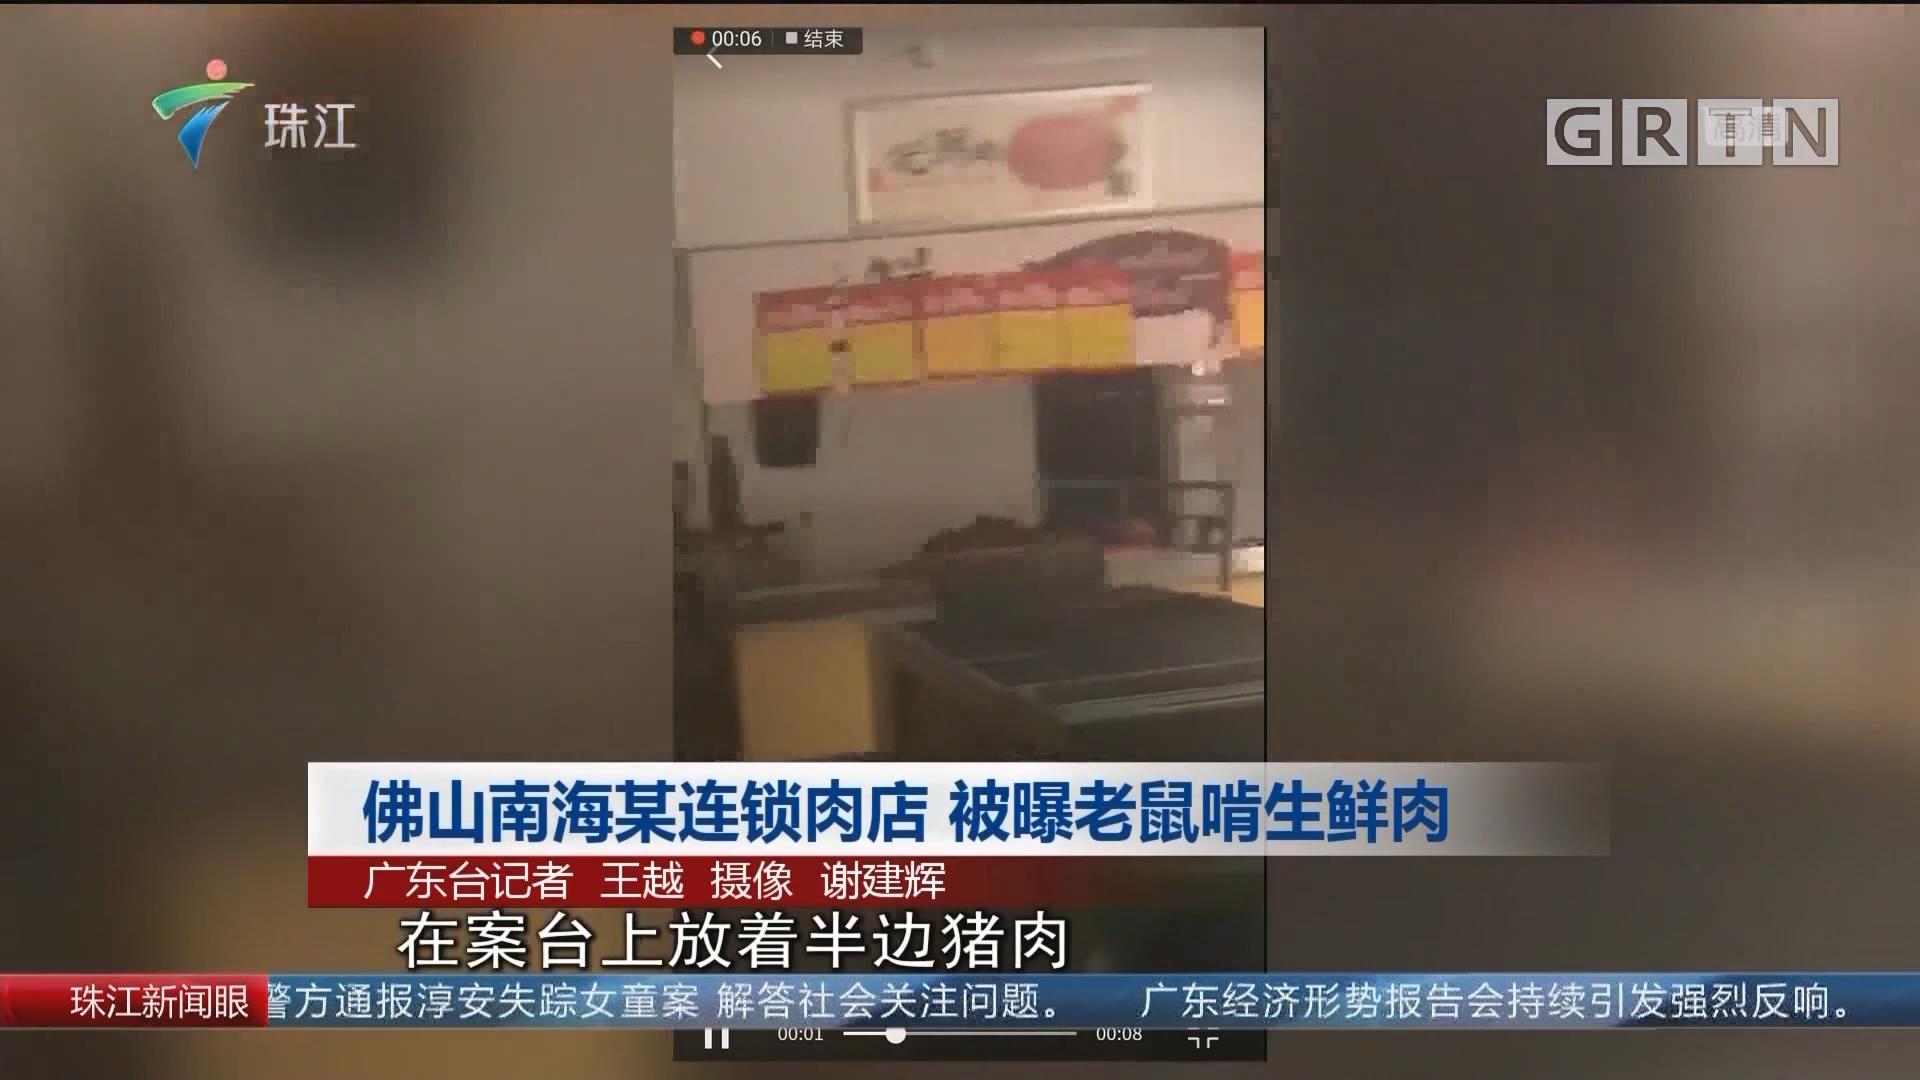 佛山南海某連鎖肉店 被曝老鼠啃生鮮肉